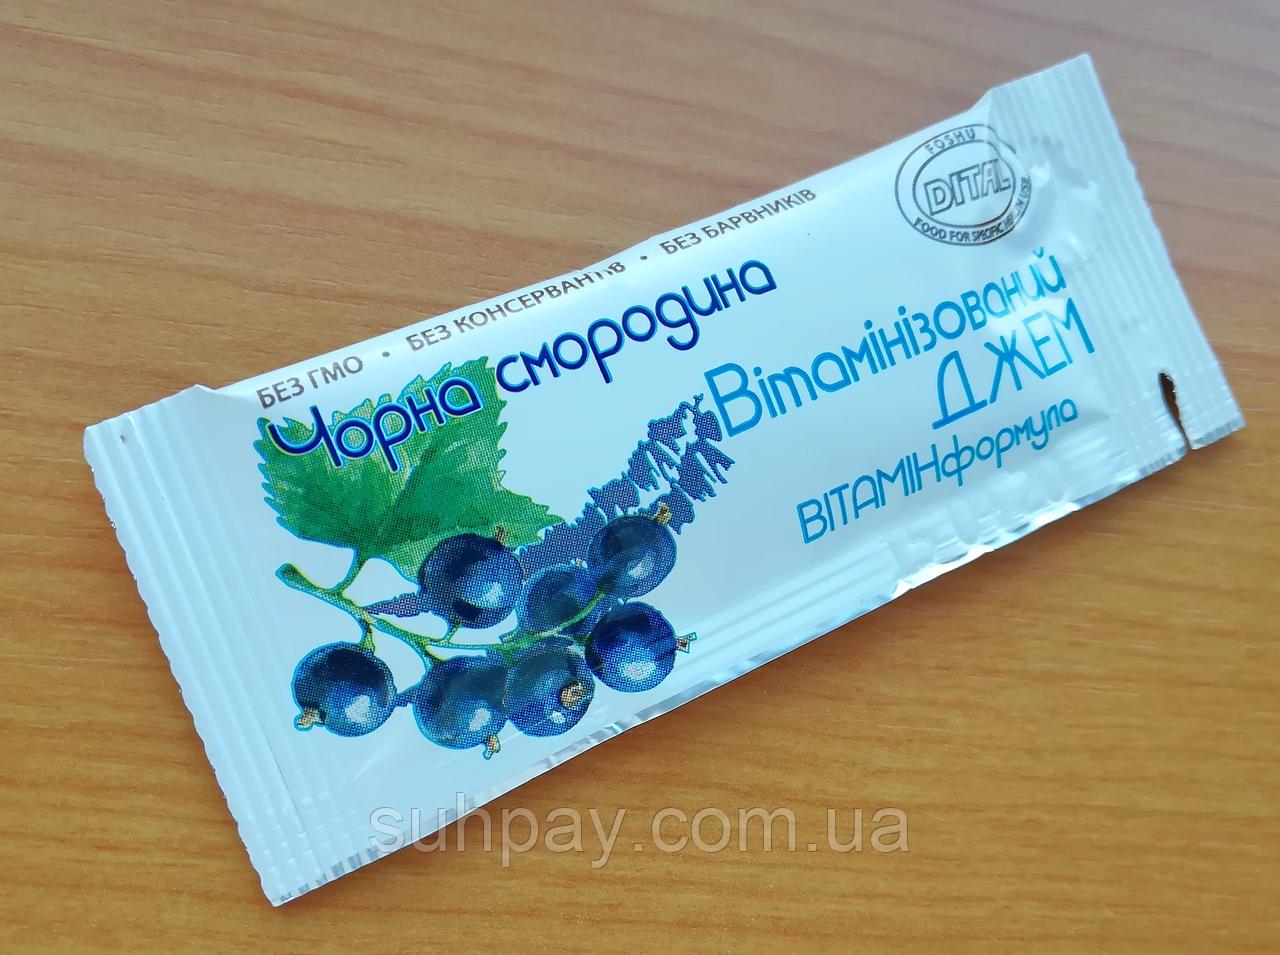 Джем витаминизированный Чёрная смородина, 20г